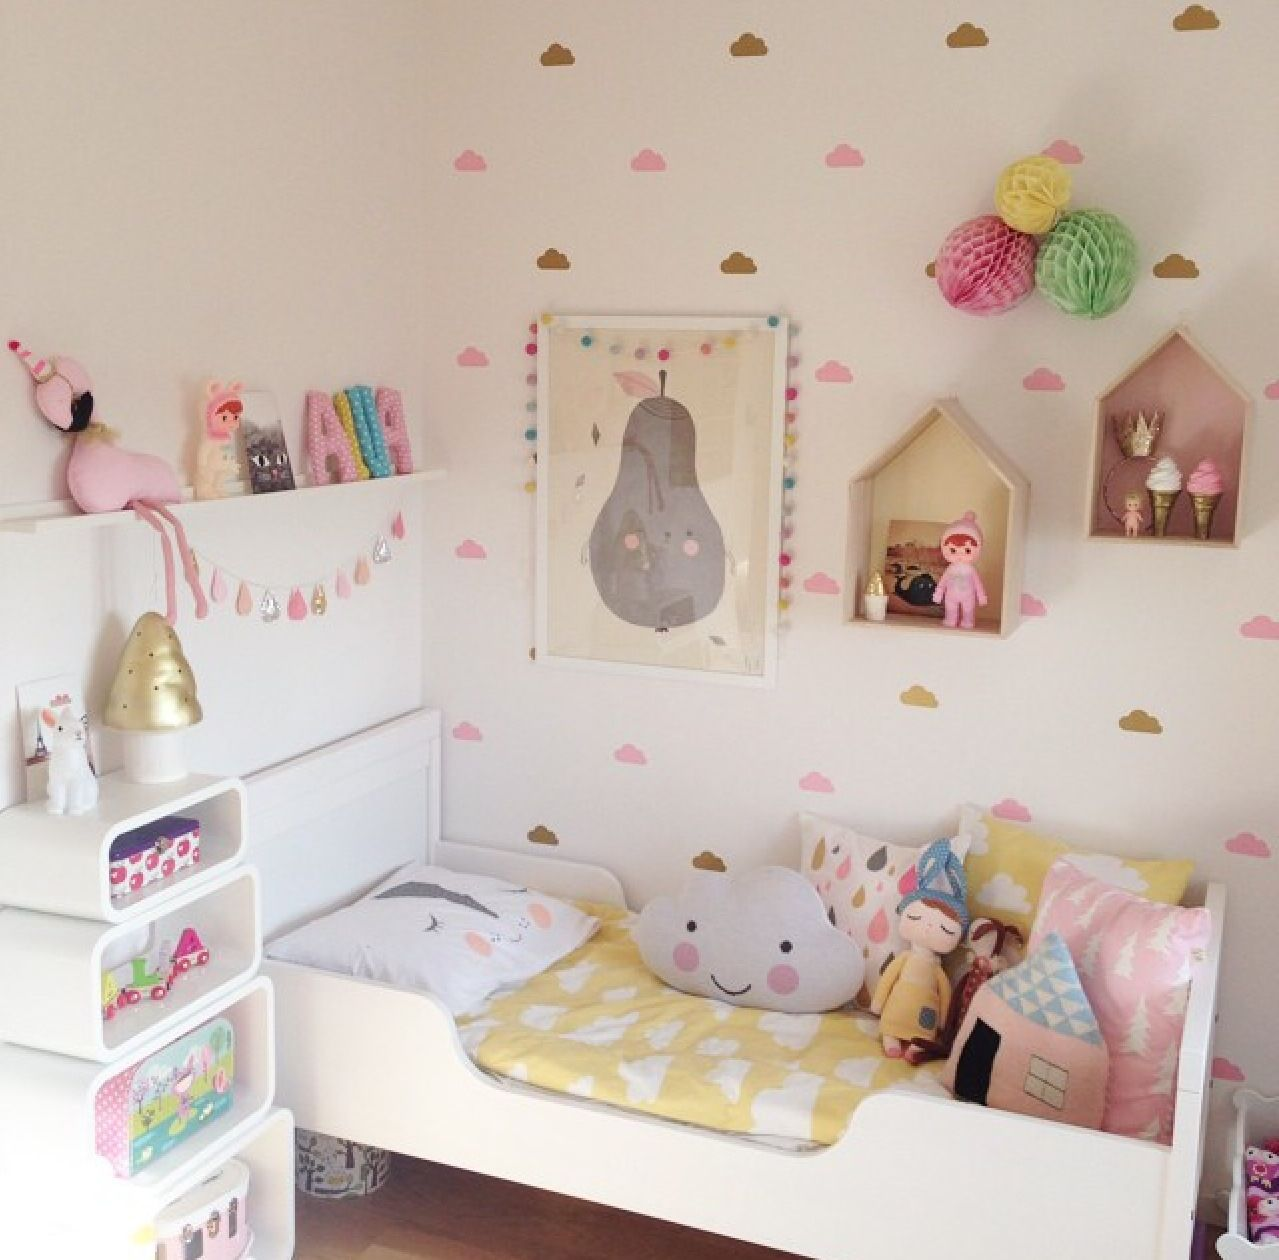 Jugendzimmer wandkunst nice  pinni  pinterest  kinderzimmer und kinder